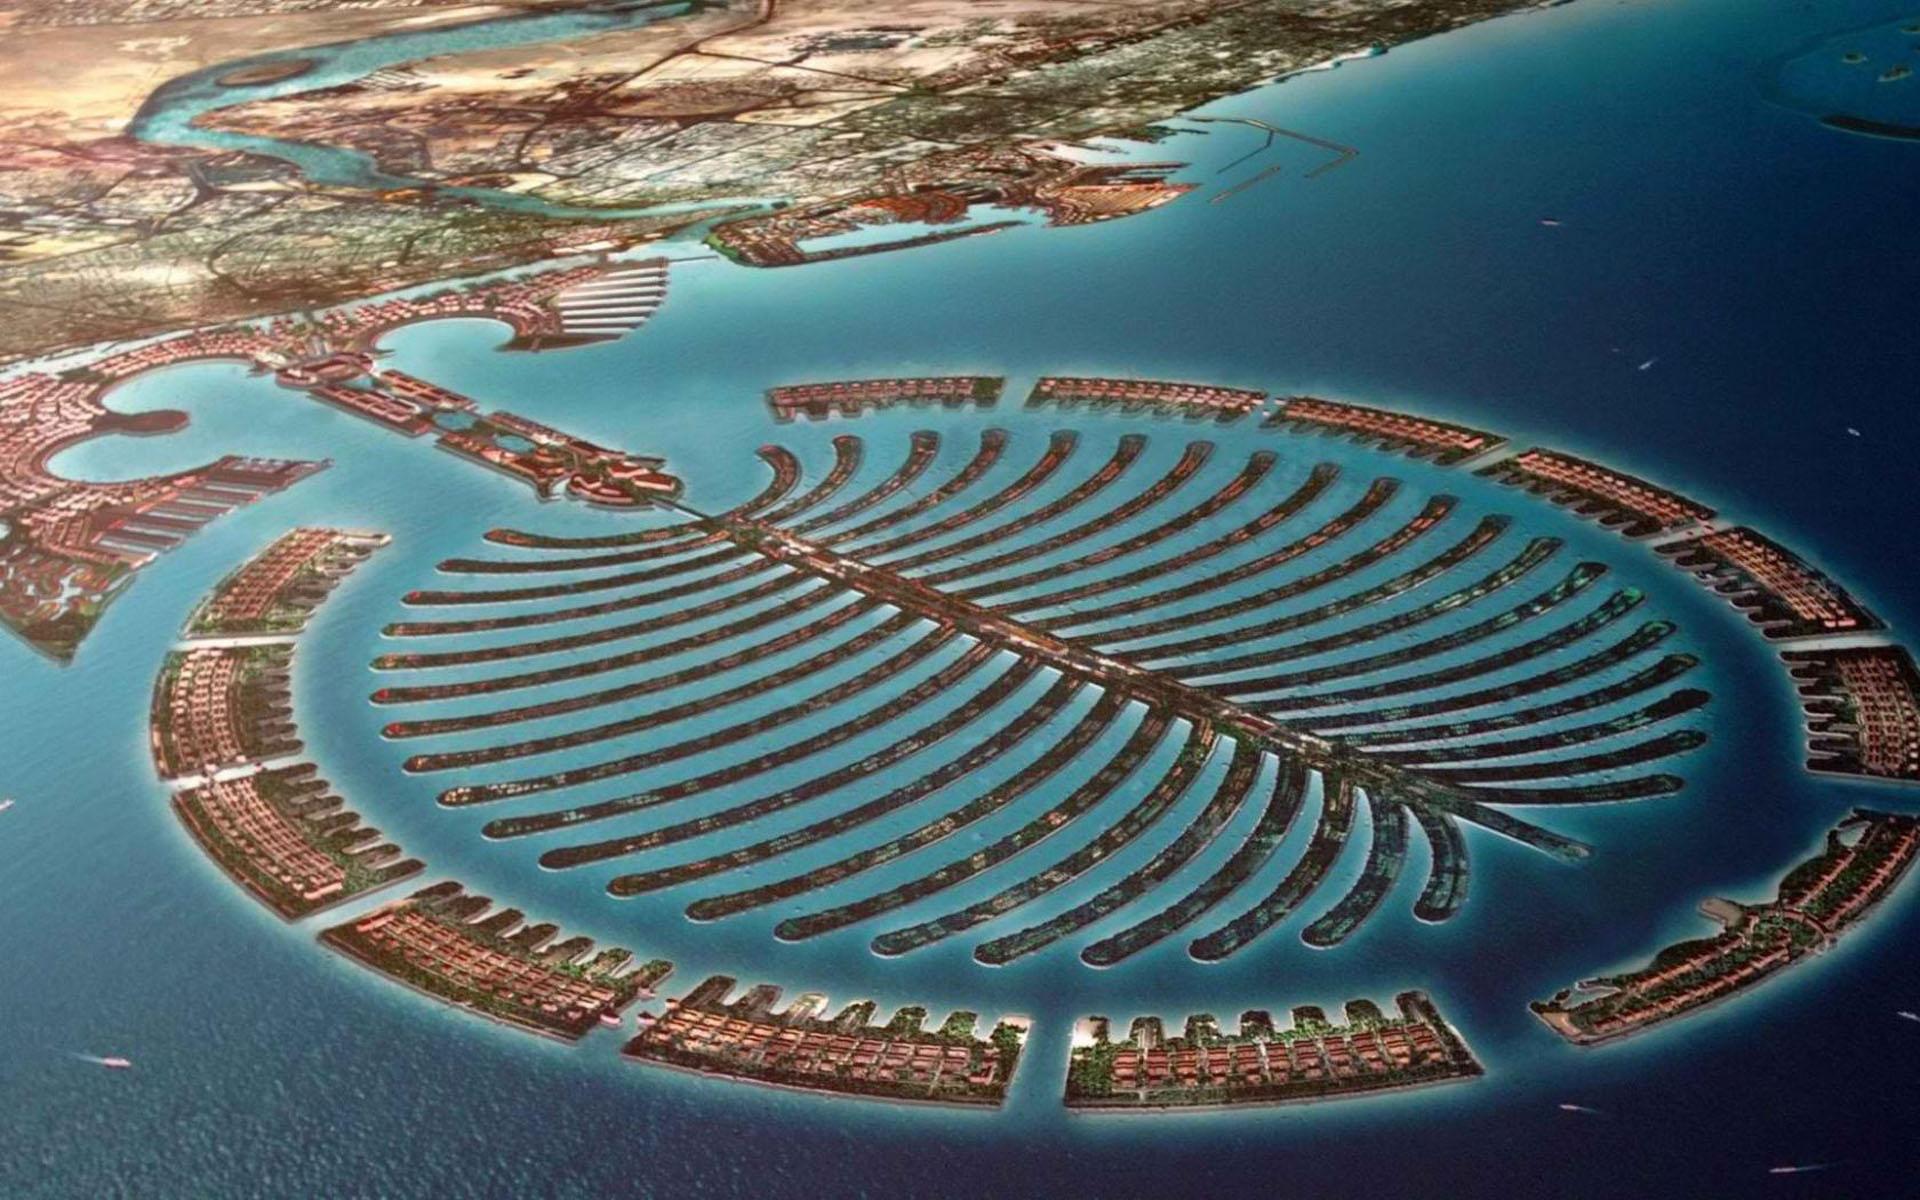 Aeroporto Emirati Arabi : Incredibile viaggio negli emirati arabi uniti dubai i